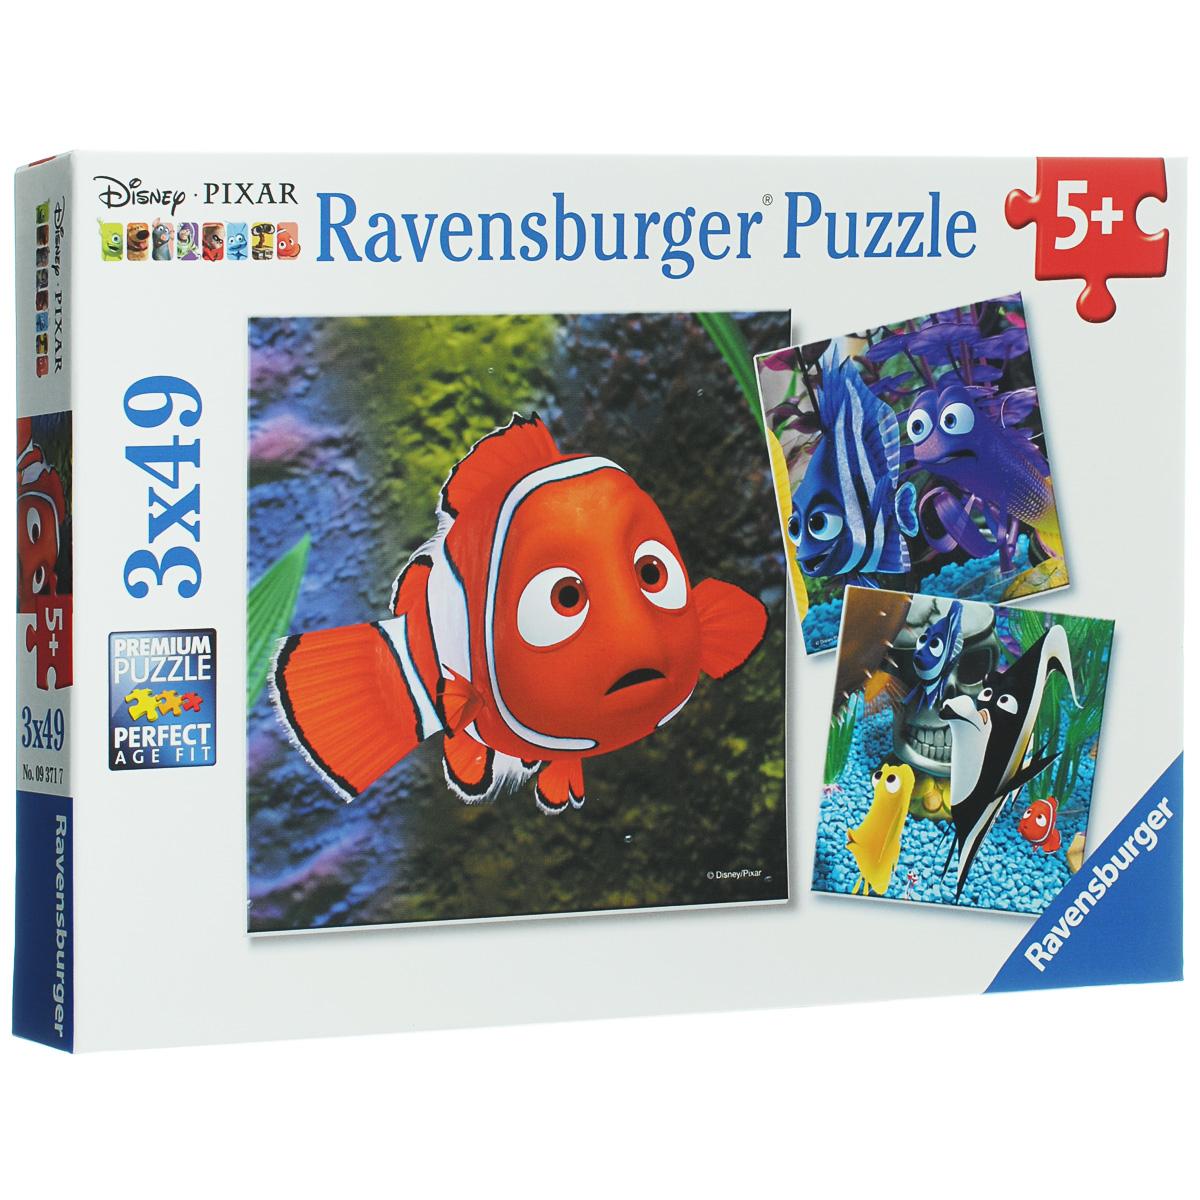 Ravensburger Немо в аквариуме. Пазл, 3 х 49 элементов09371Пазл Ravensburger Немо в аквариуме, несомненно, понравится вашему ребенку. Собрав пазлы, каждый из которых включает по 49 элементов, вы получите три замечательные картинки с изображением героев мультфильма В поисках Немо. Пазл изготовлен из картона высочайшего качества. Каждая деталь имеет свою форму и подходит только на свое место. Все изображения аккуратно отсканированы и напечатаны на ламинированной бумаге. Пазлы - замечательная развивающая игра для детей. Собирание пазла развивает у ребенка мелкую моторику рук, тренирует наблюдательность, логическое мышление, знакомит с окружающим миром, с цветом и разнообразными формами, учит усидчивости и терпению, аккуратности и вниманию.